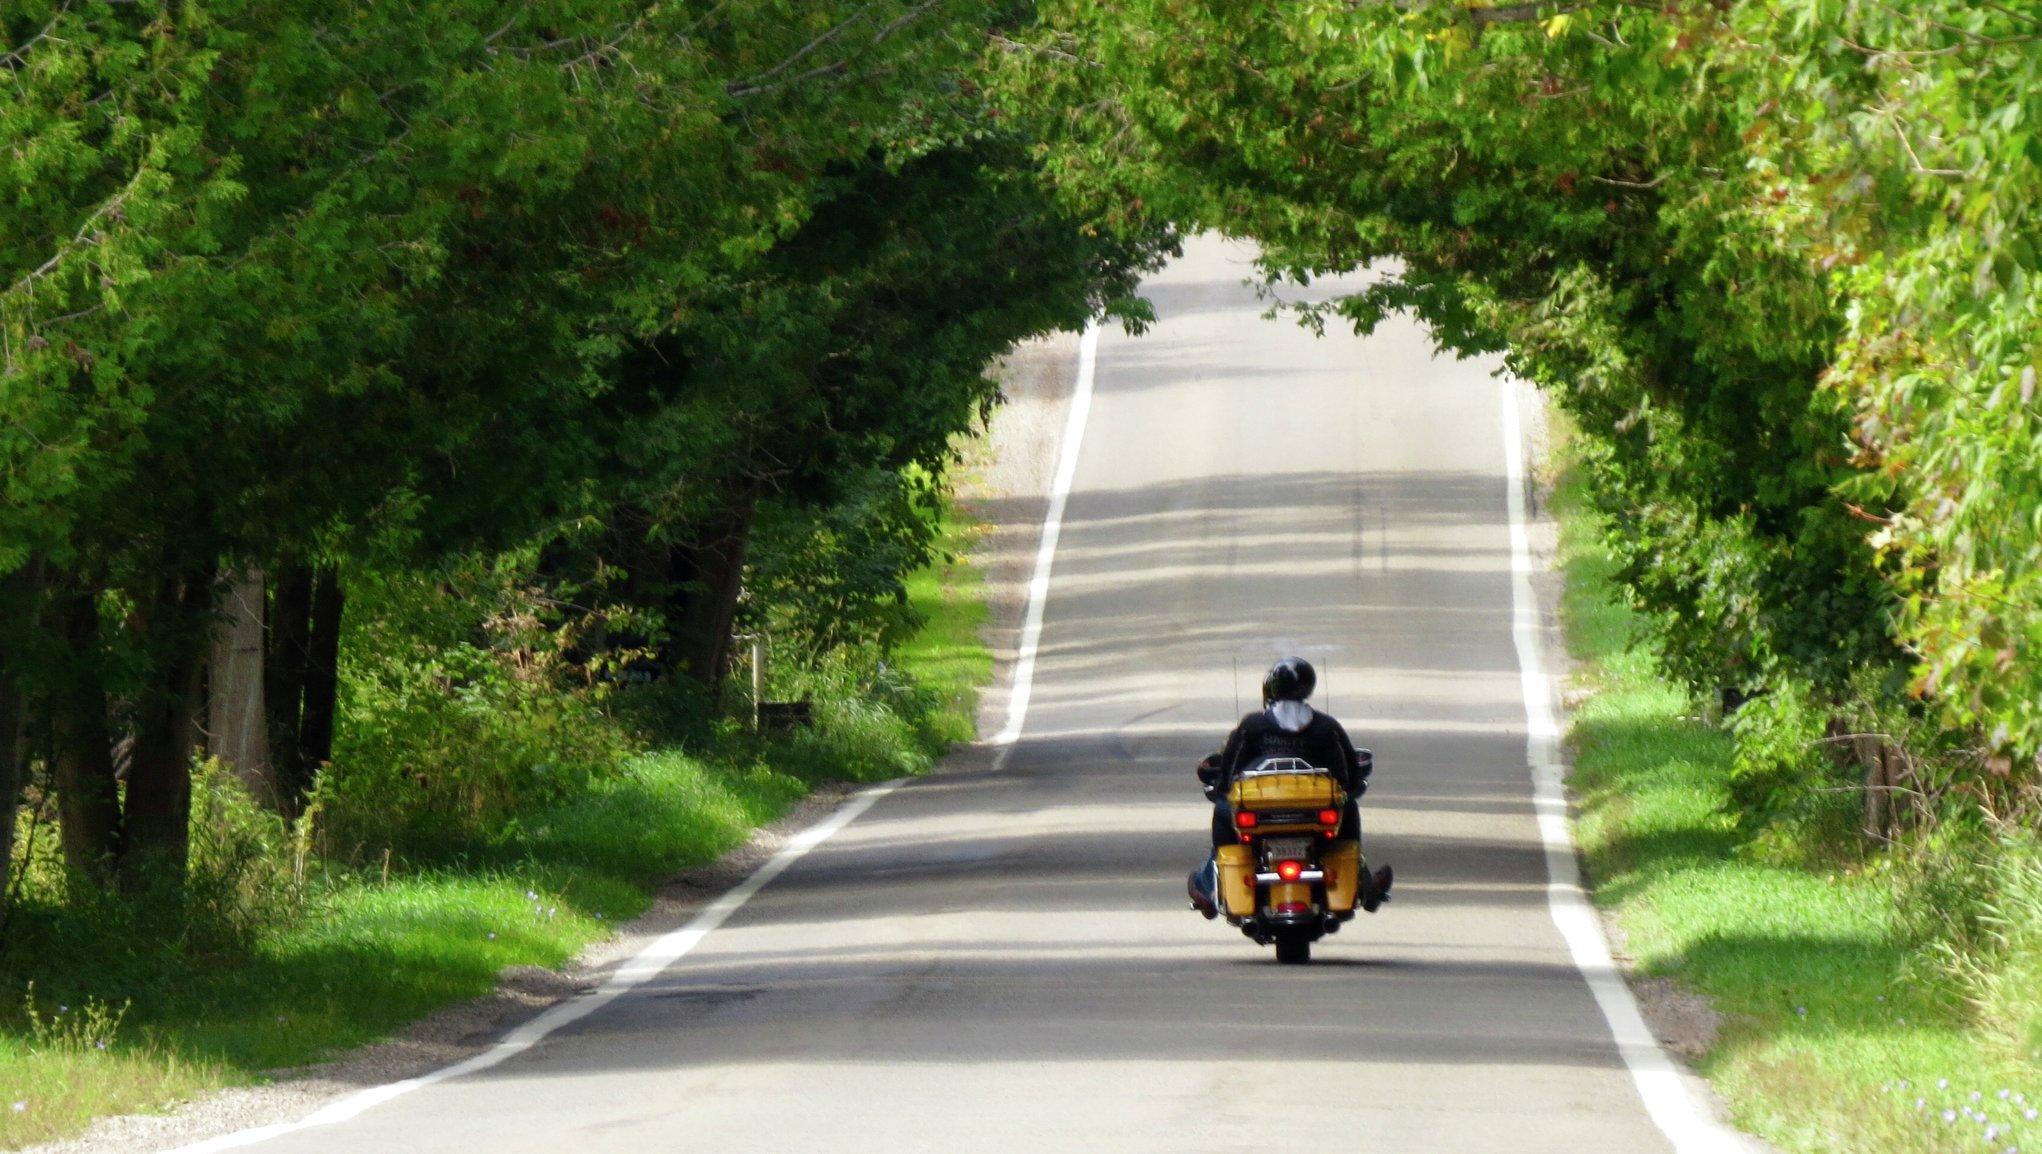 Moottoripyörällä Eurooppaan